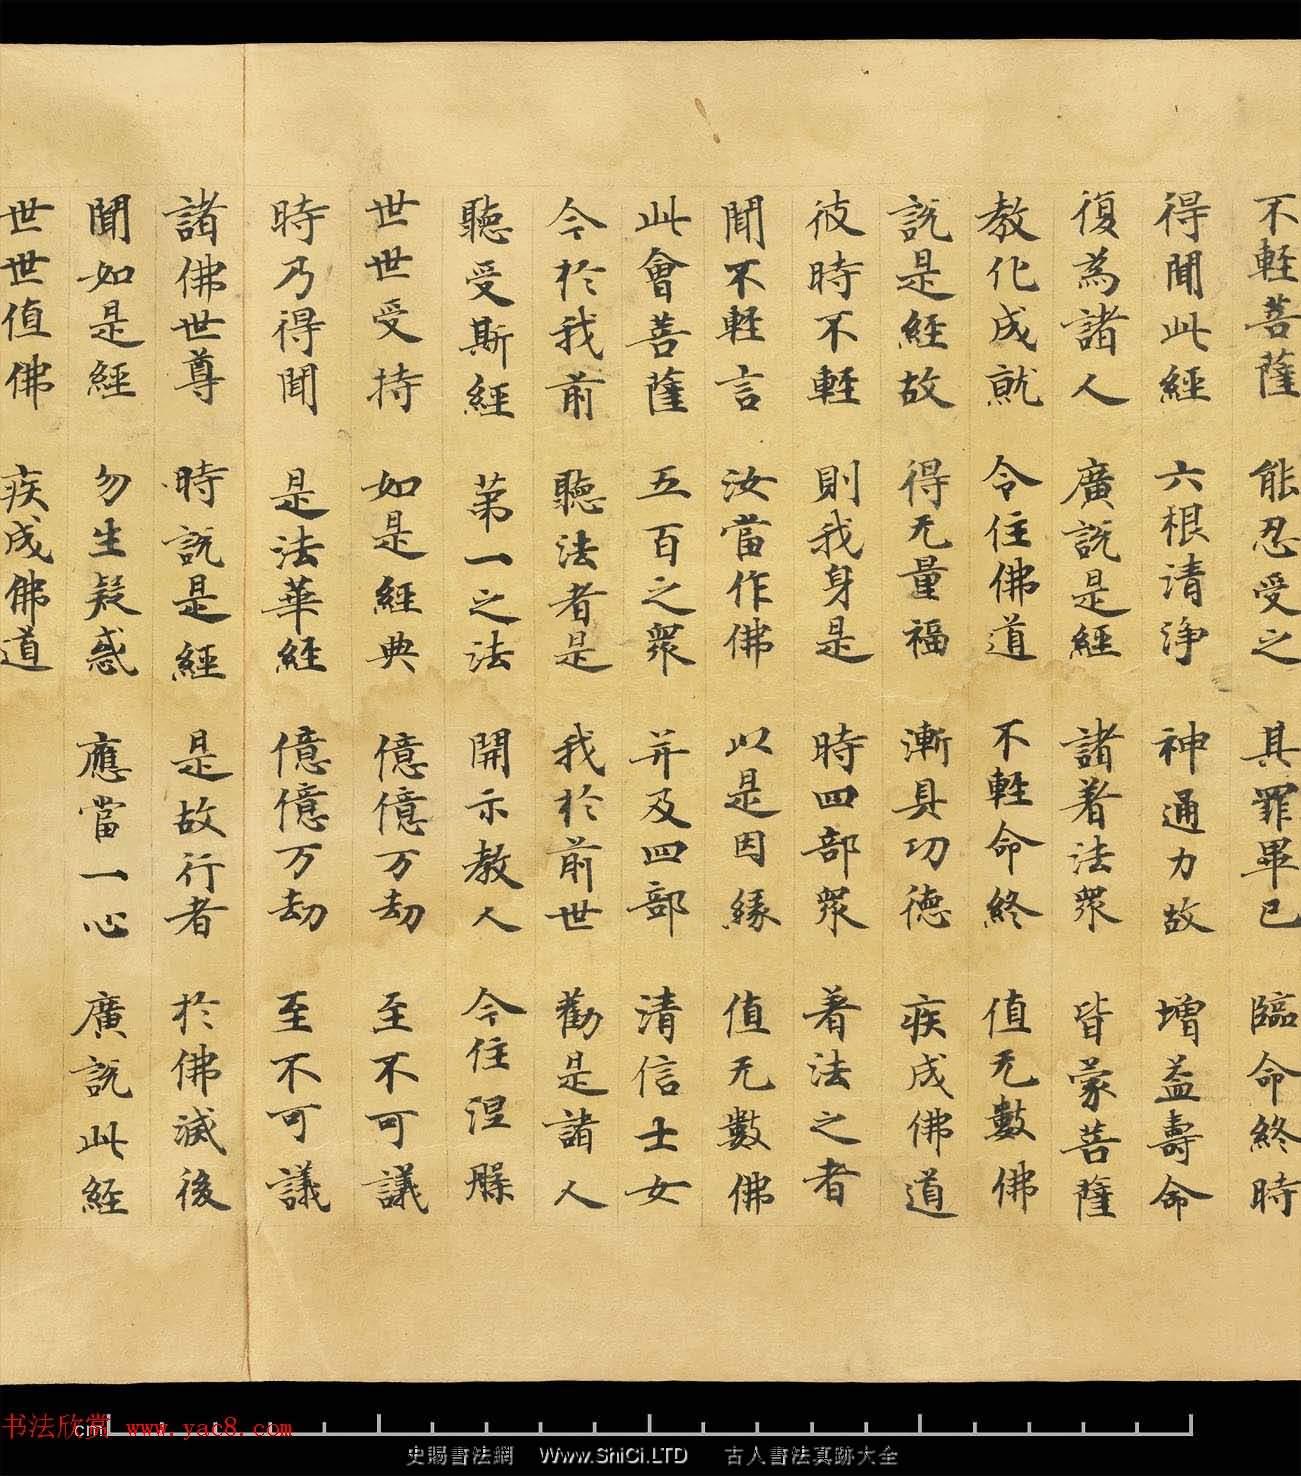 敦煌手稿欣賞《妙法蓮華經卷第六》大英圖書館藏品